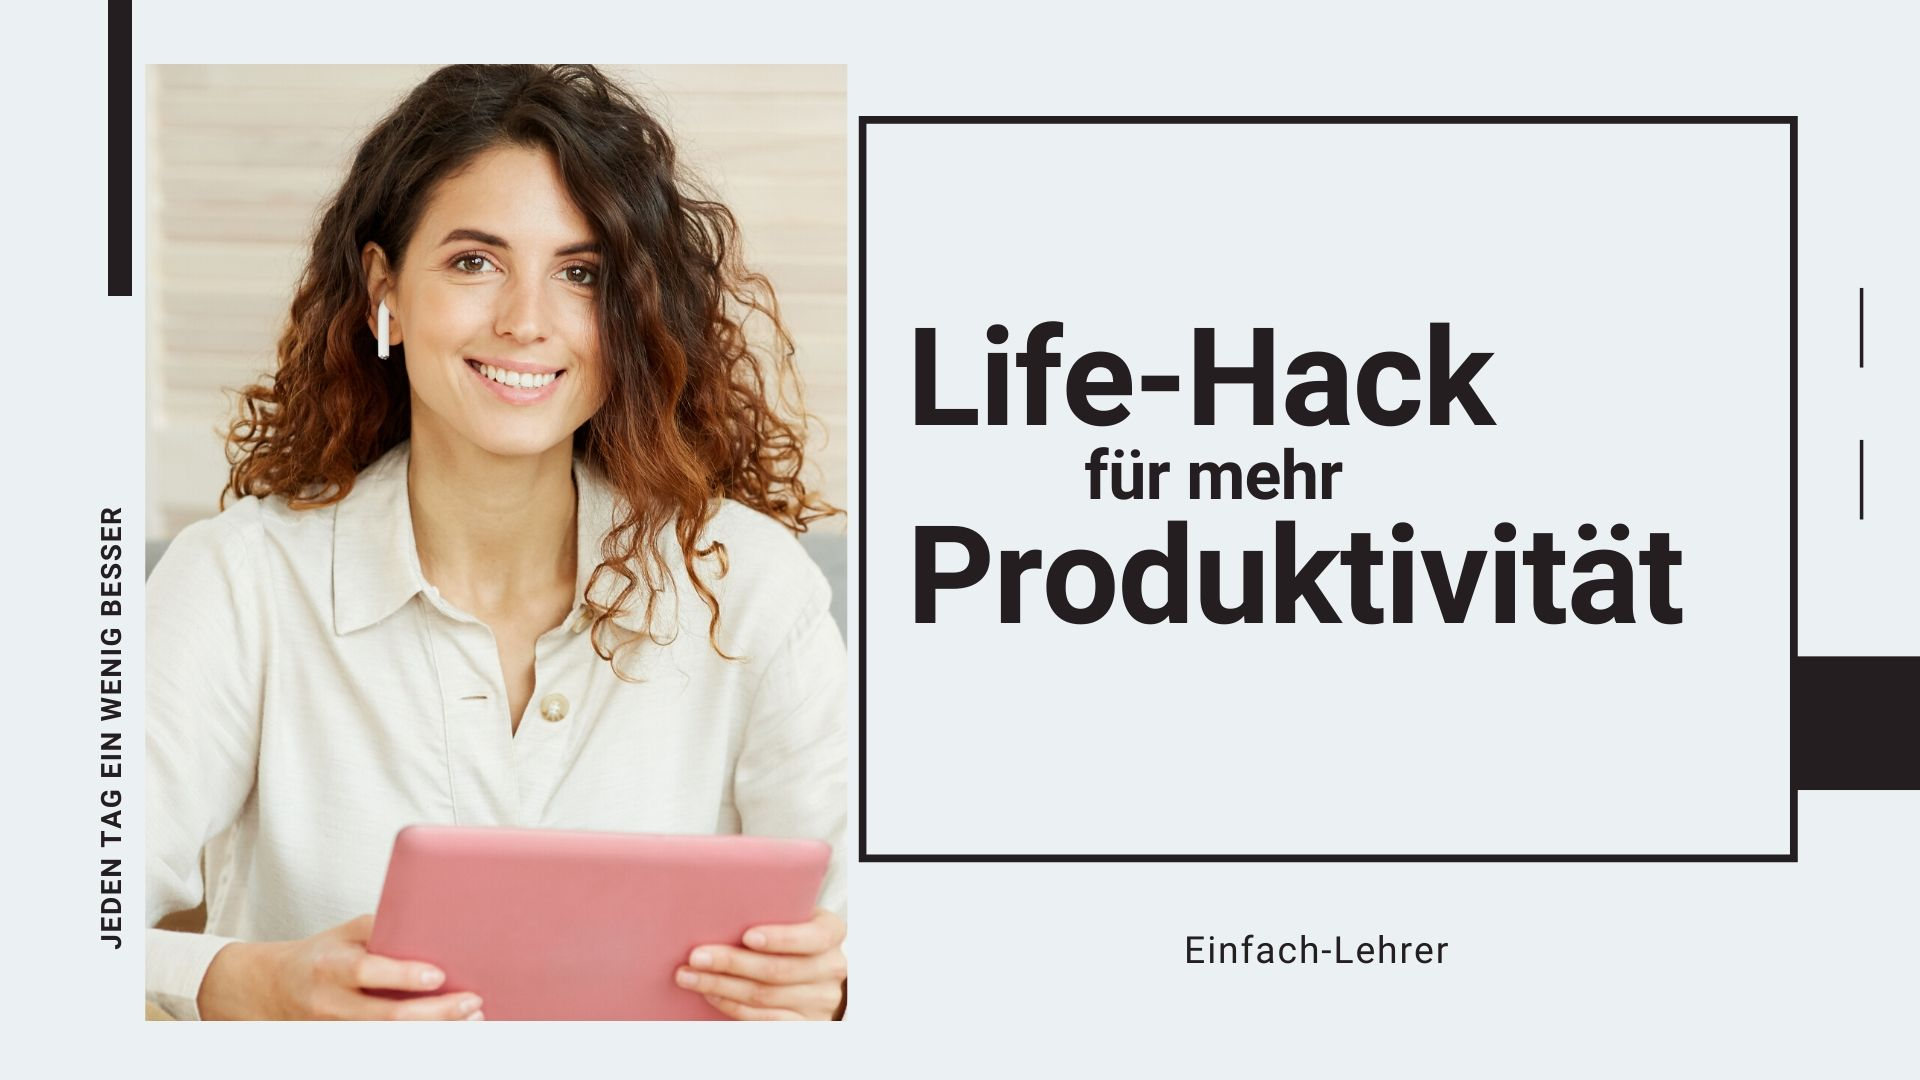 produktivität steigern mit deinem Smartphone & Tablet